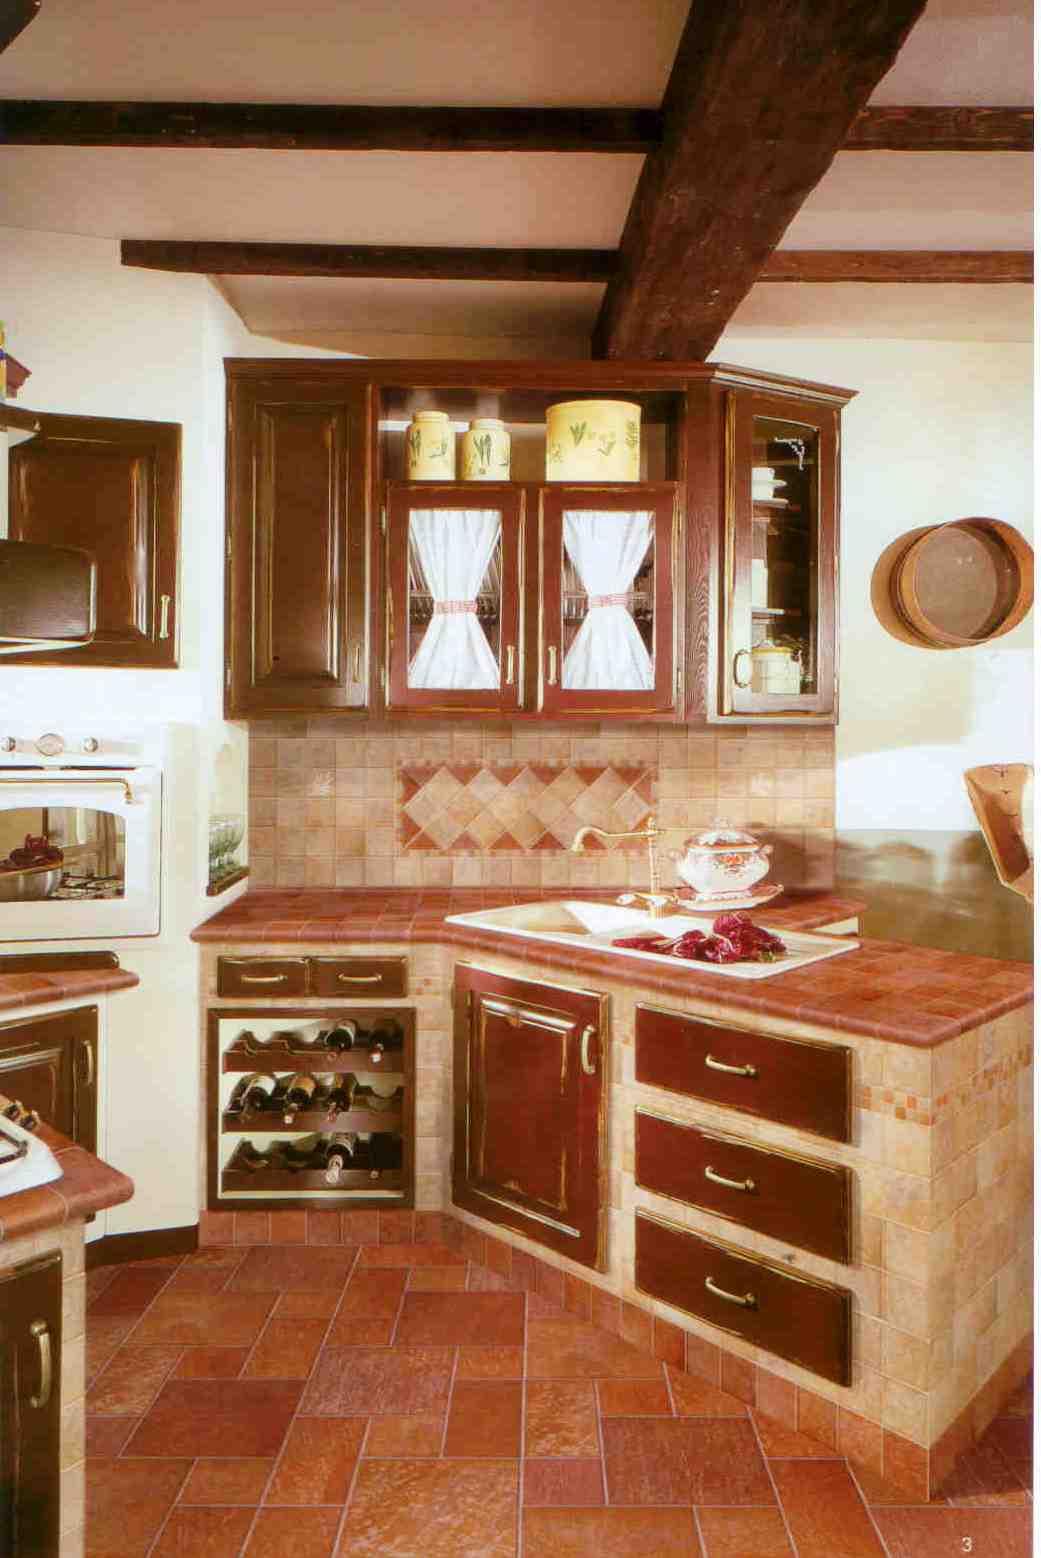 Azulejos de piso una cubierta para la cocina cer mica - Precios de azulejos para cocina ...